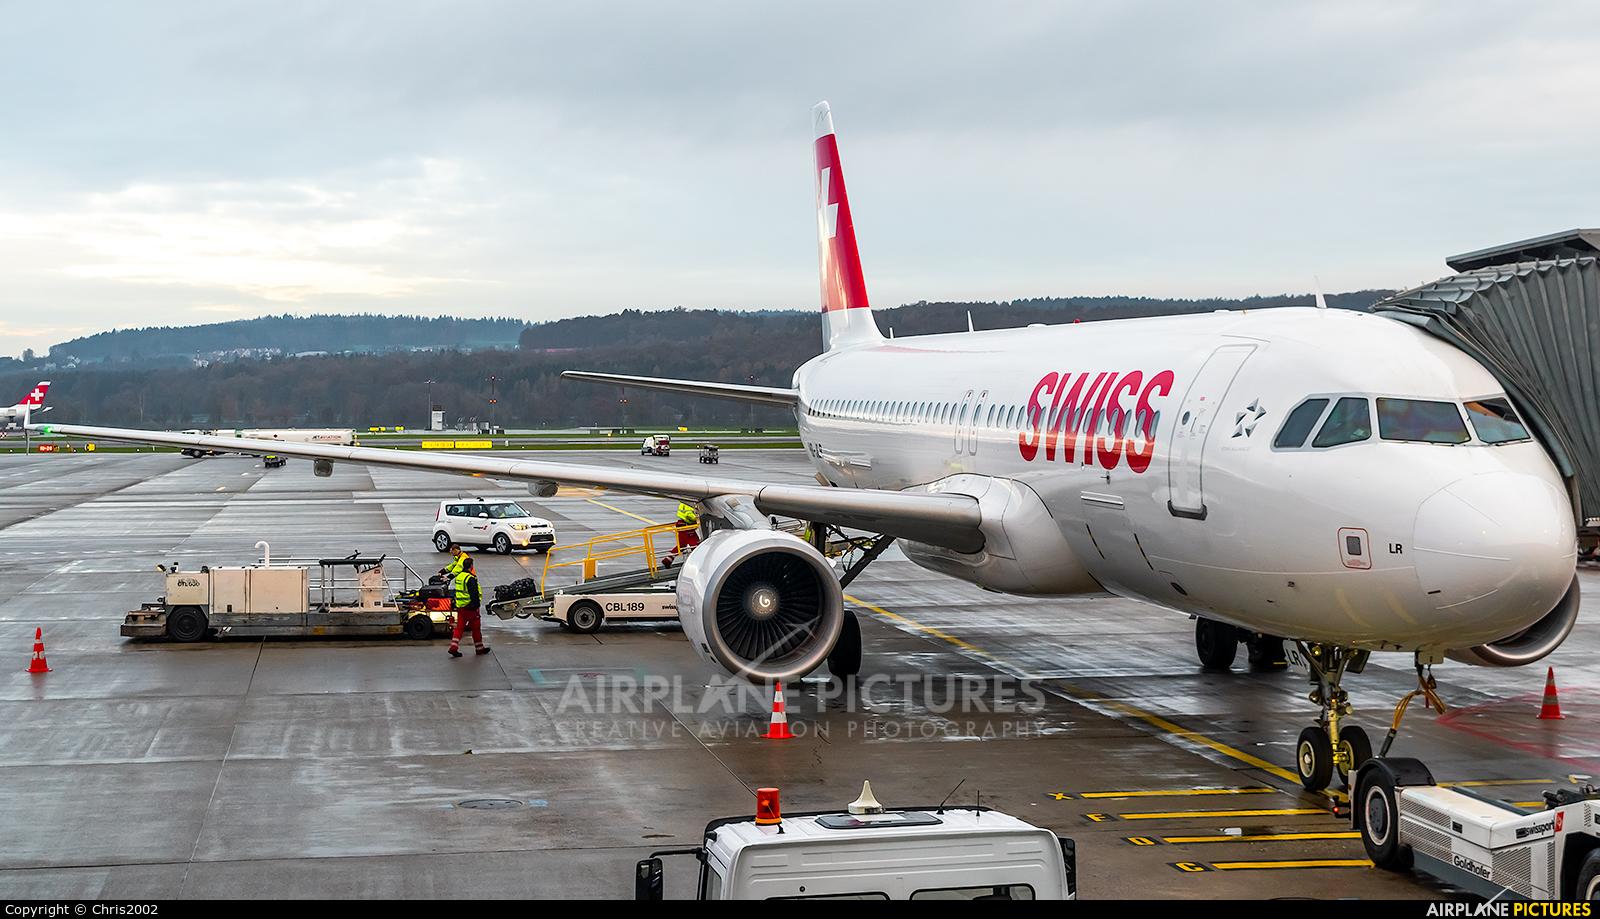 Swiss HB-JLR aircraft at Zurich